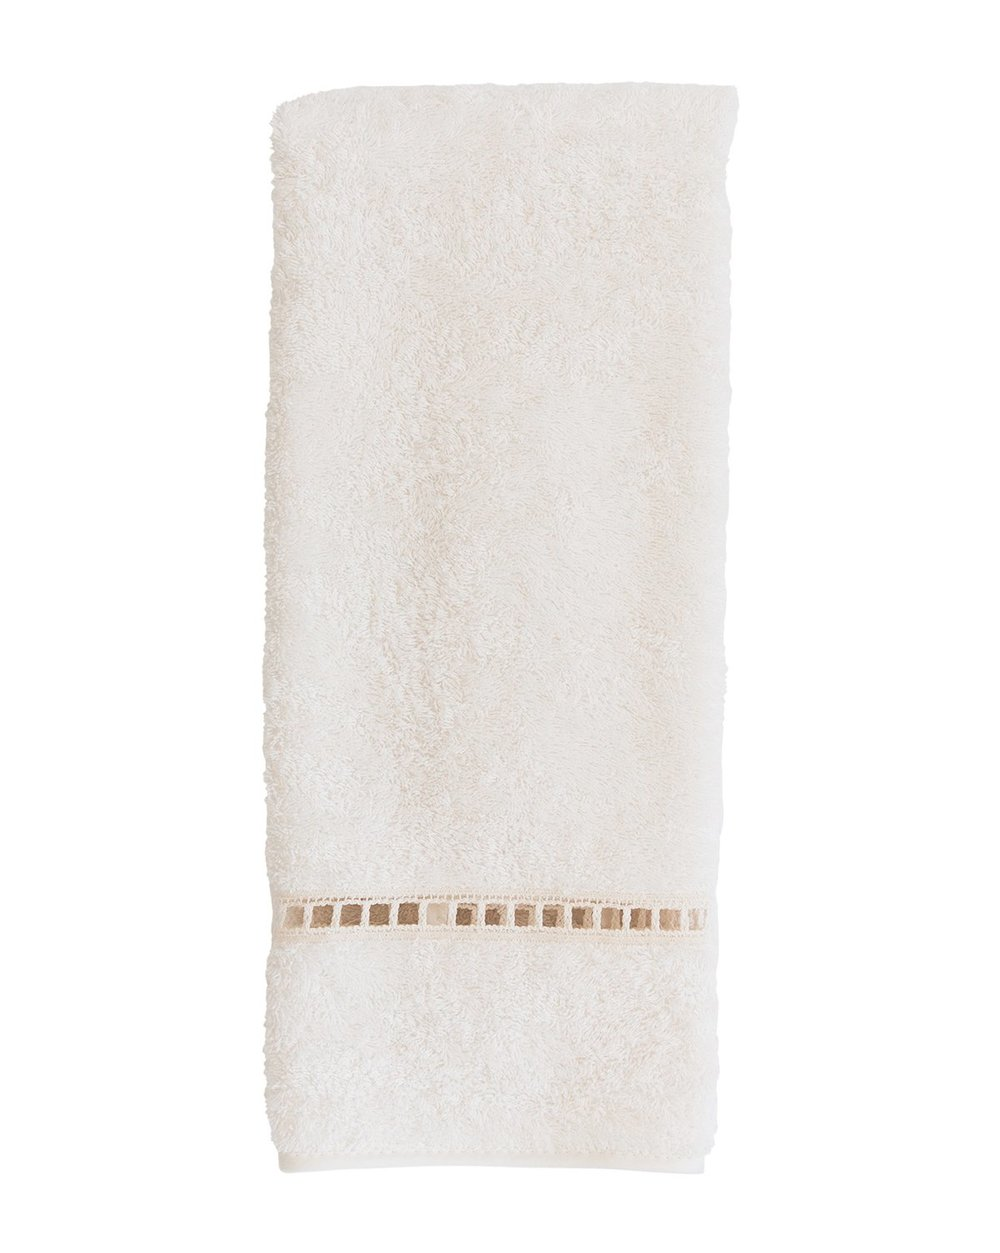 sardinia_hand_towel7.jpg